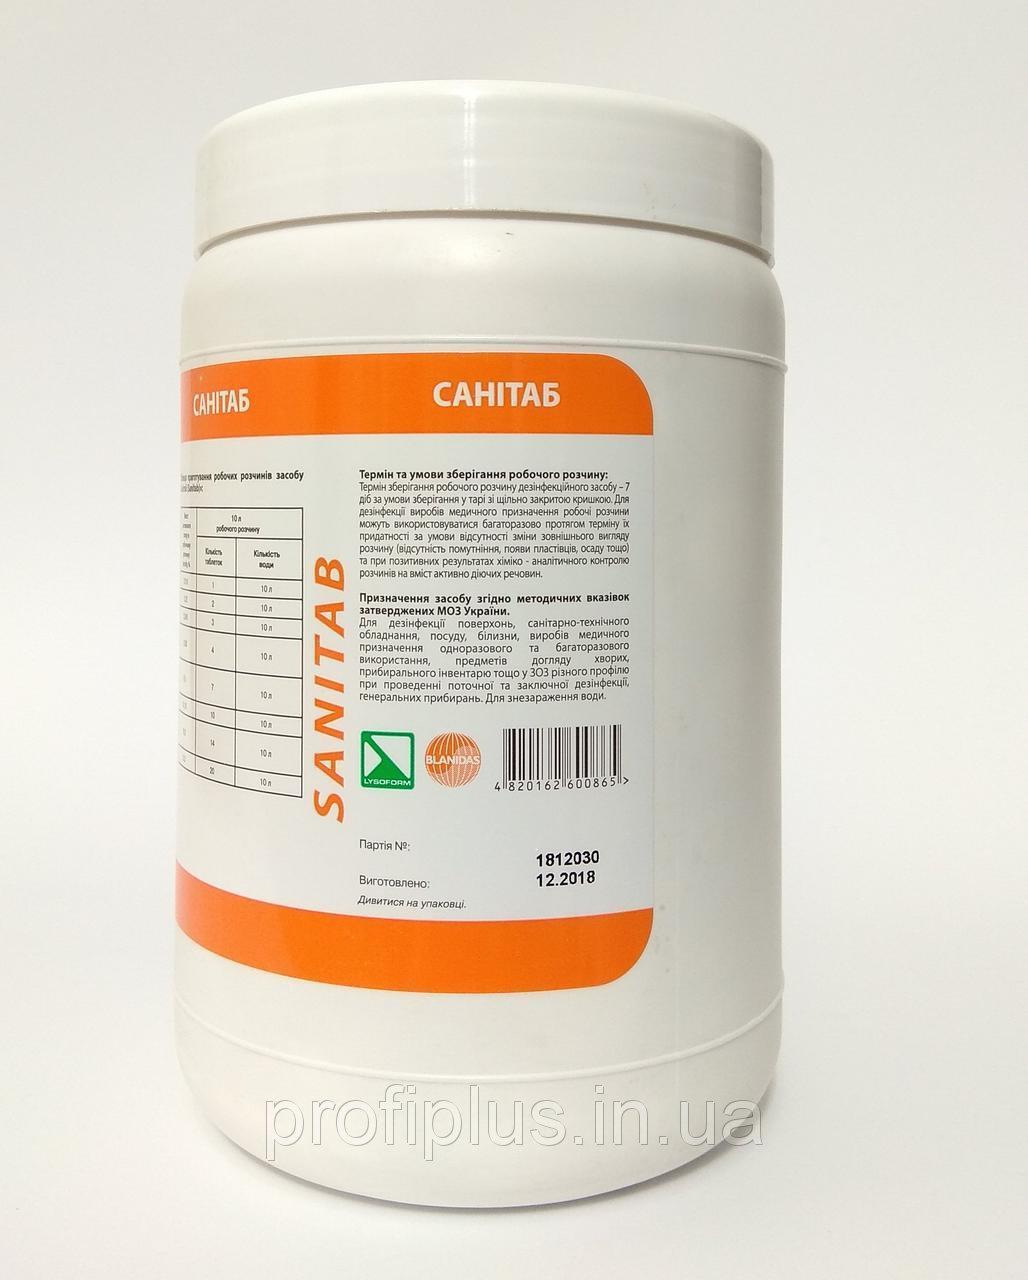 Санитаб - средство для обеззараживания использованных медицинских изделий, 1000 г